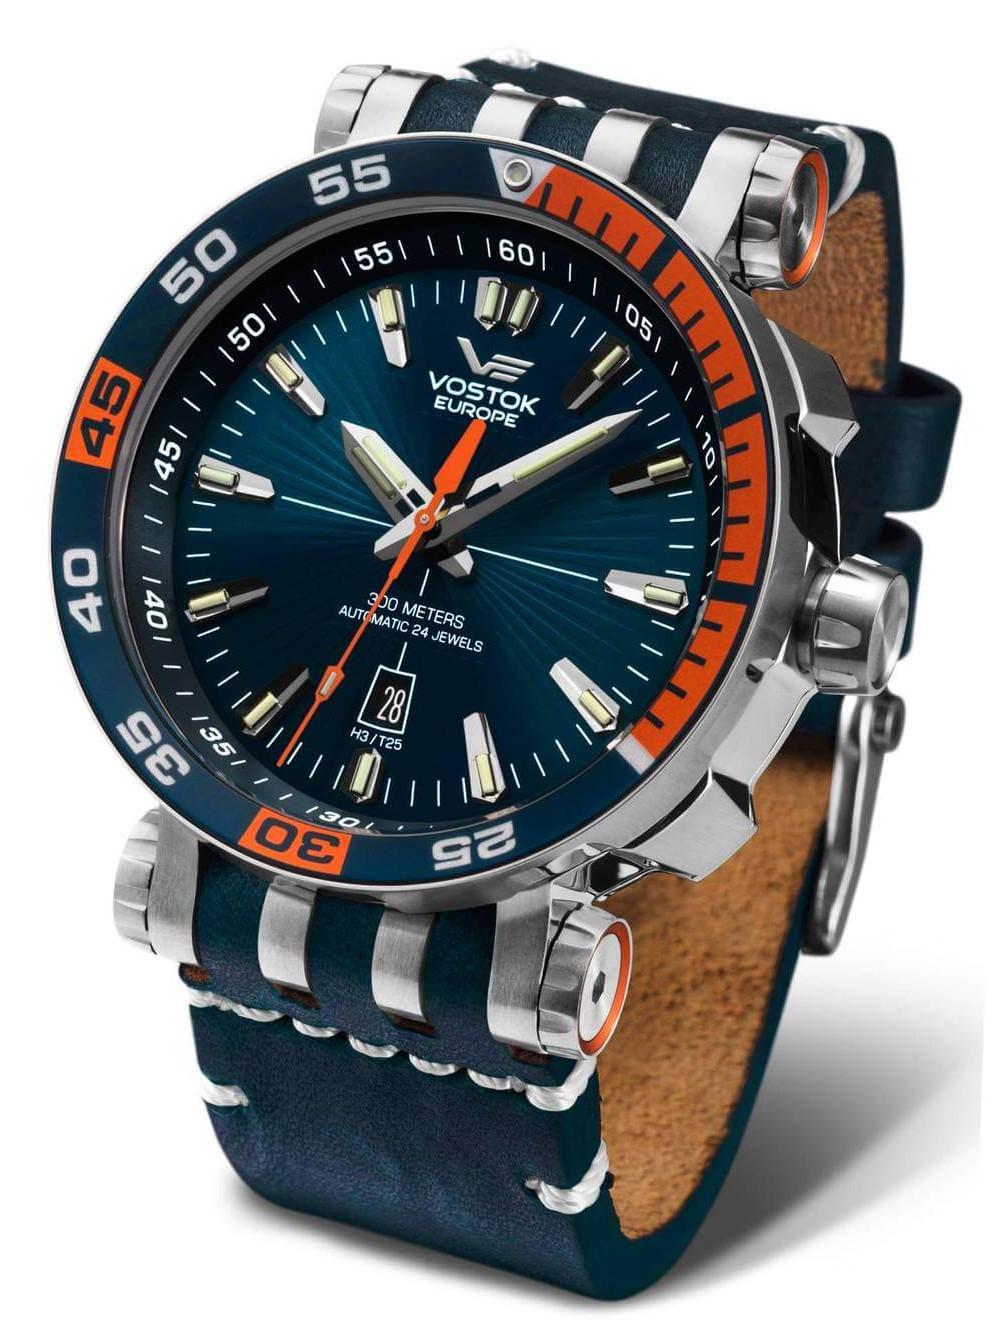 71f2414b3f6 Часы VOSTOK-EUROPE ENERGIA 575A279 - купить часы Восток-Европа в ...